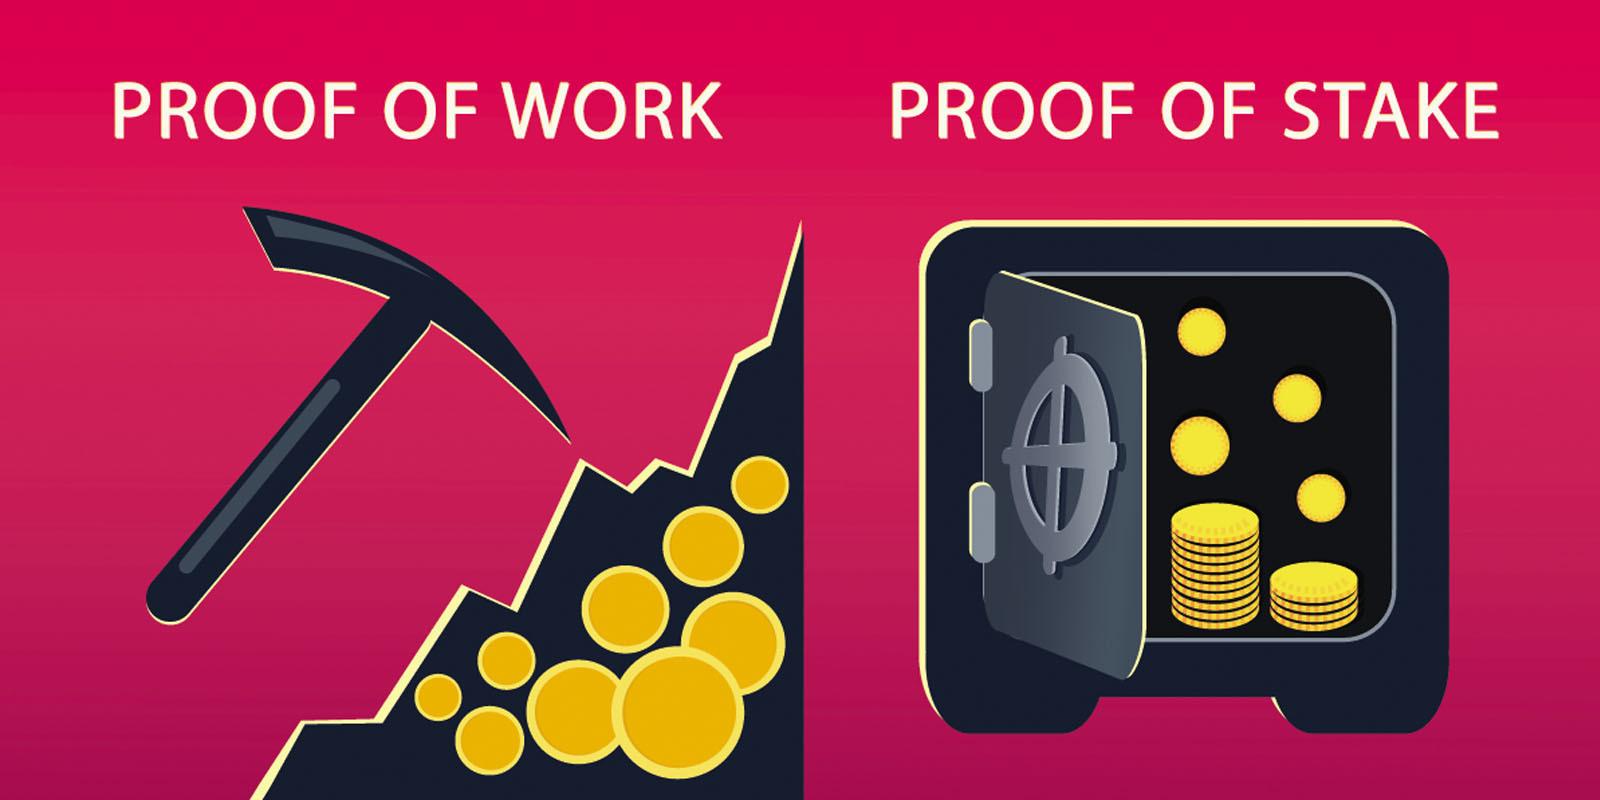 Quelles sont les différences entre PoS (Proof-of-Stake) et PoW (Proof-of-Work) ?